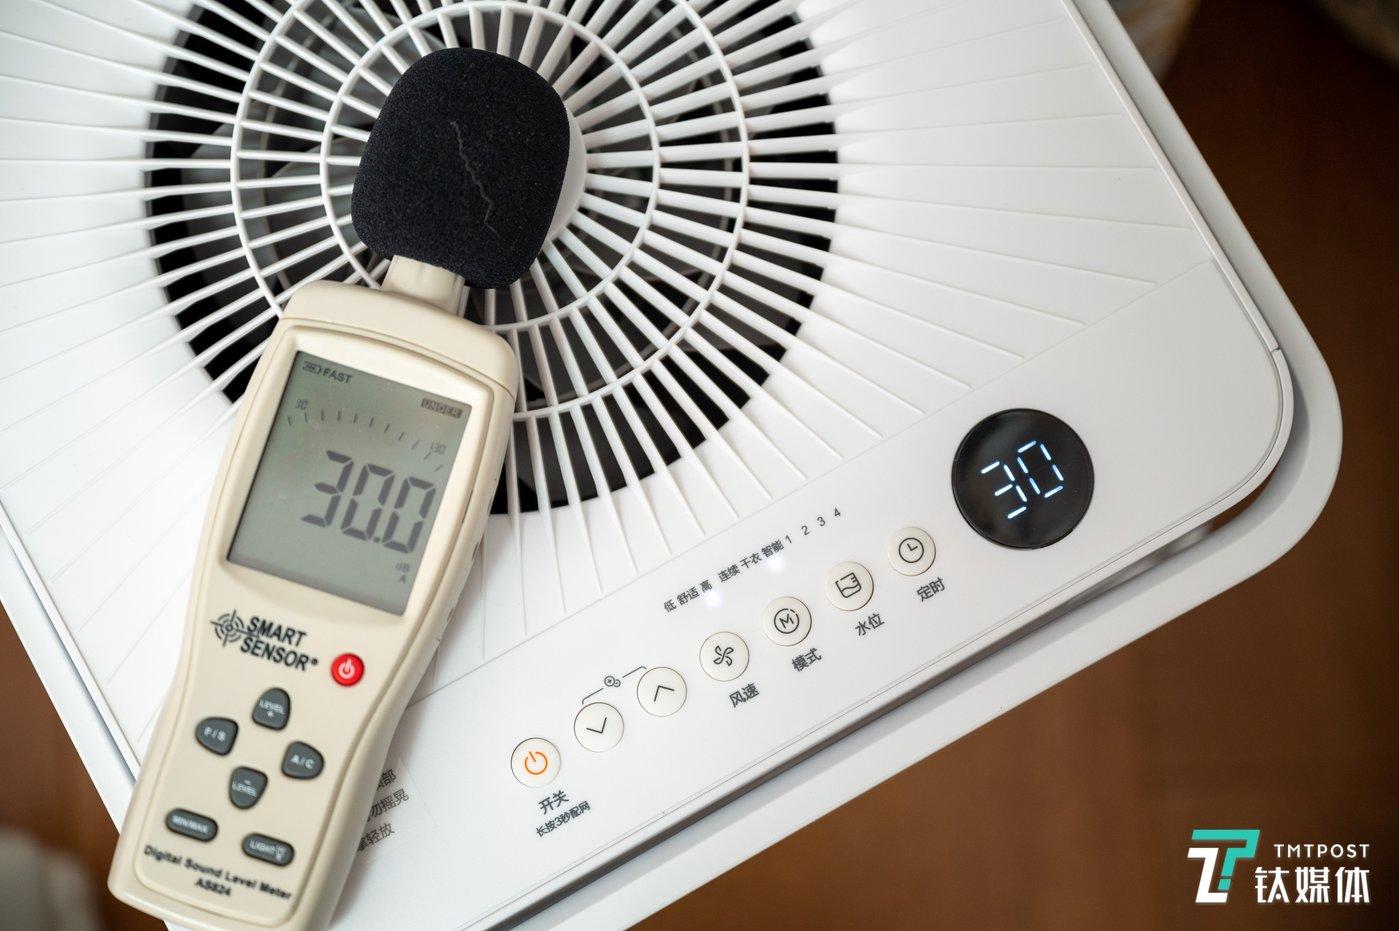 在湿度不足情况下,机器会关闭,此时噪声低于30dB